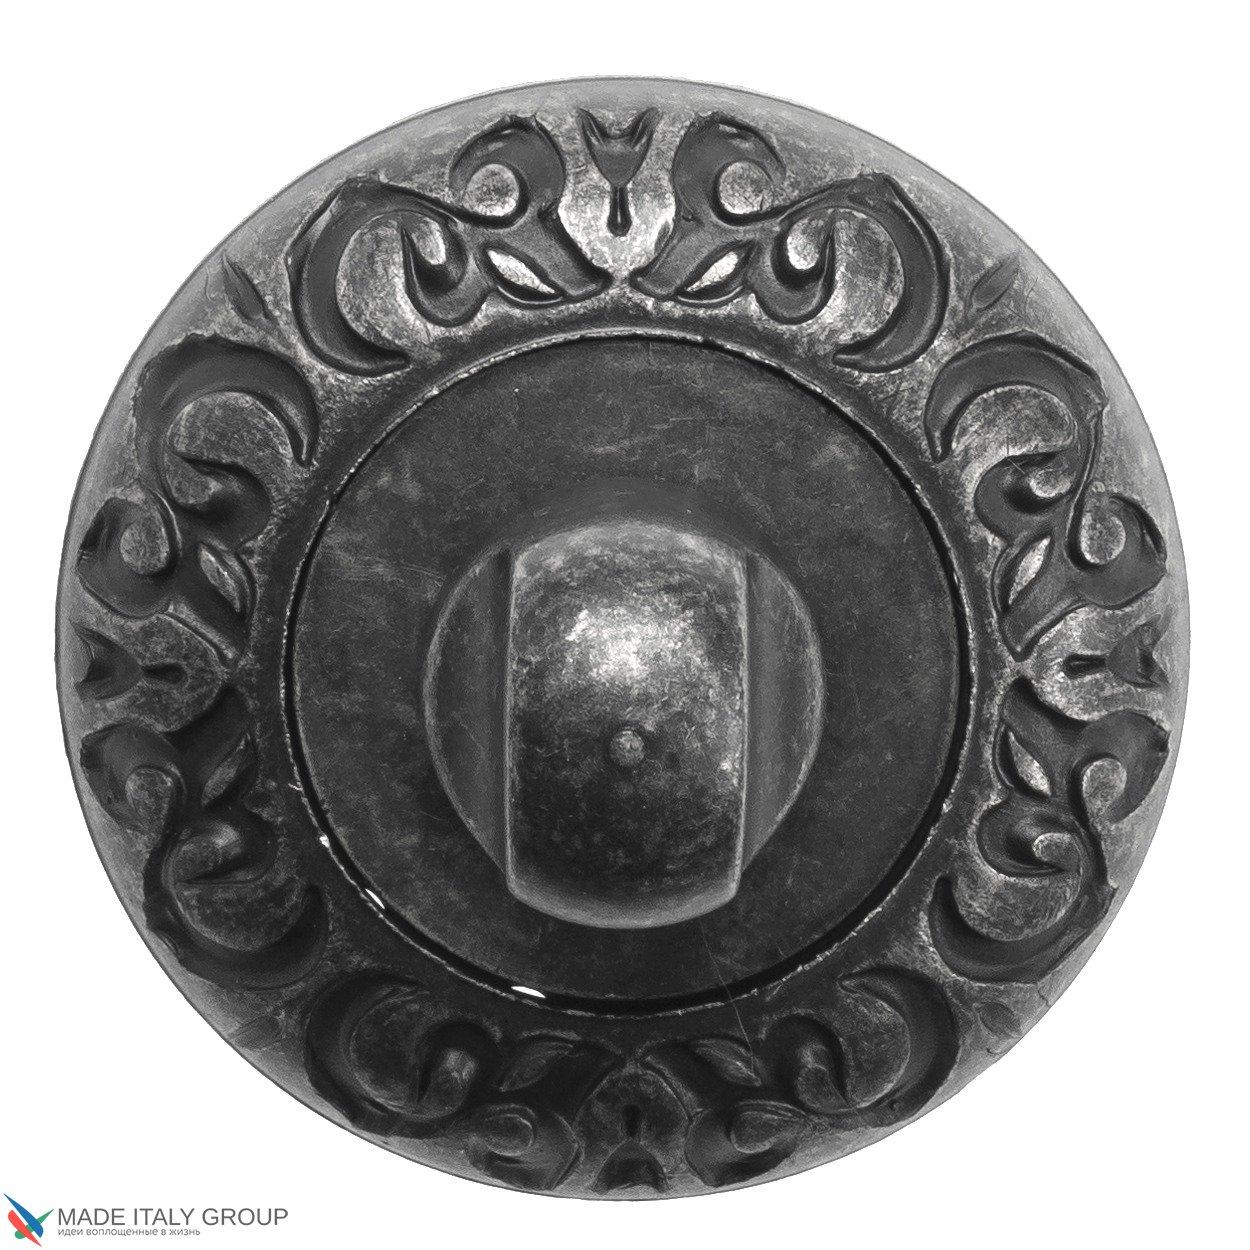 Фиксатор поворотный Venezia WC-1 D4 античное серебро